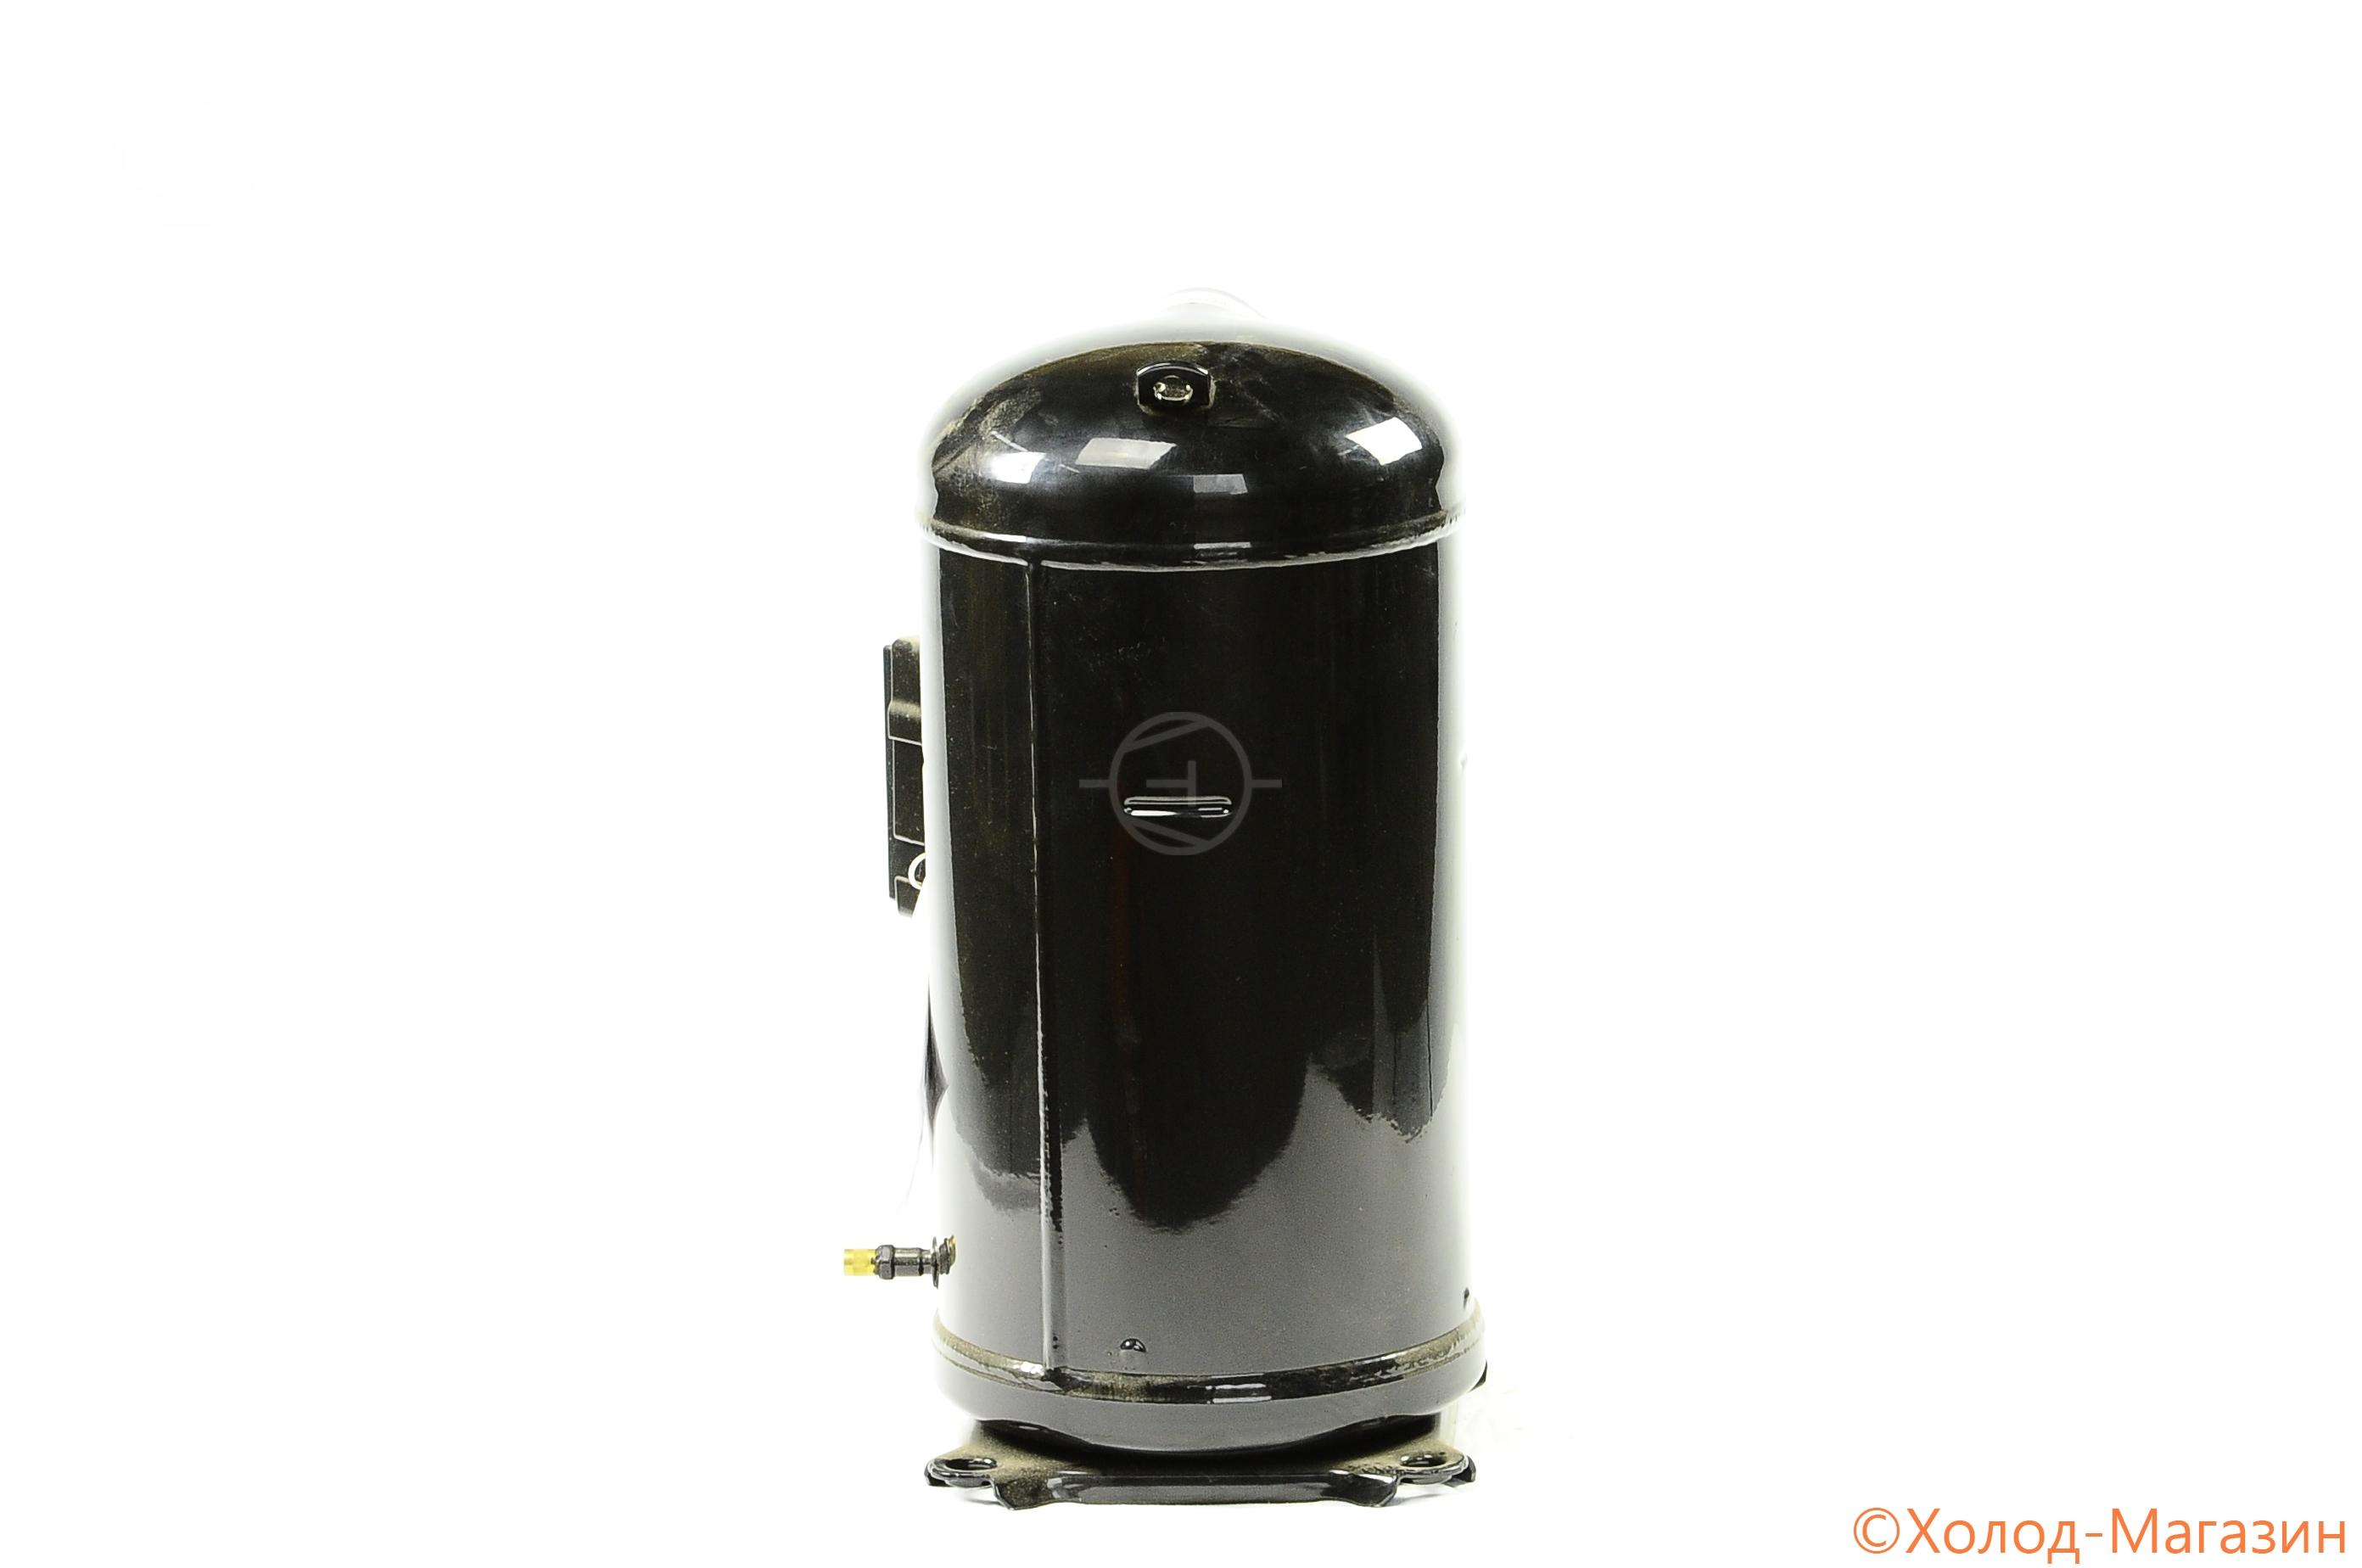 Компрессор спиральный ZB 50 KCE-TFD-551 Copeland, Emerson